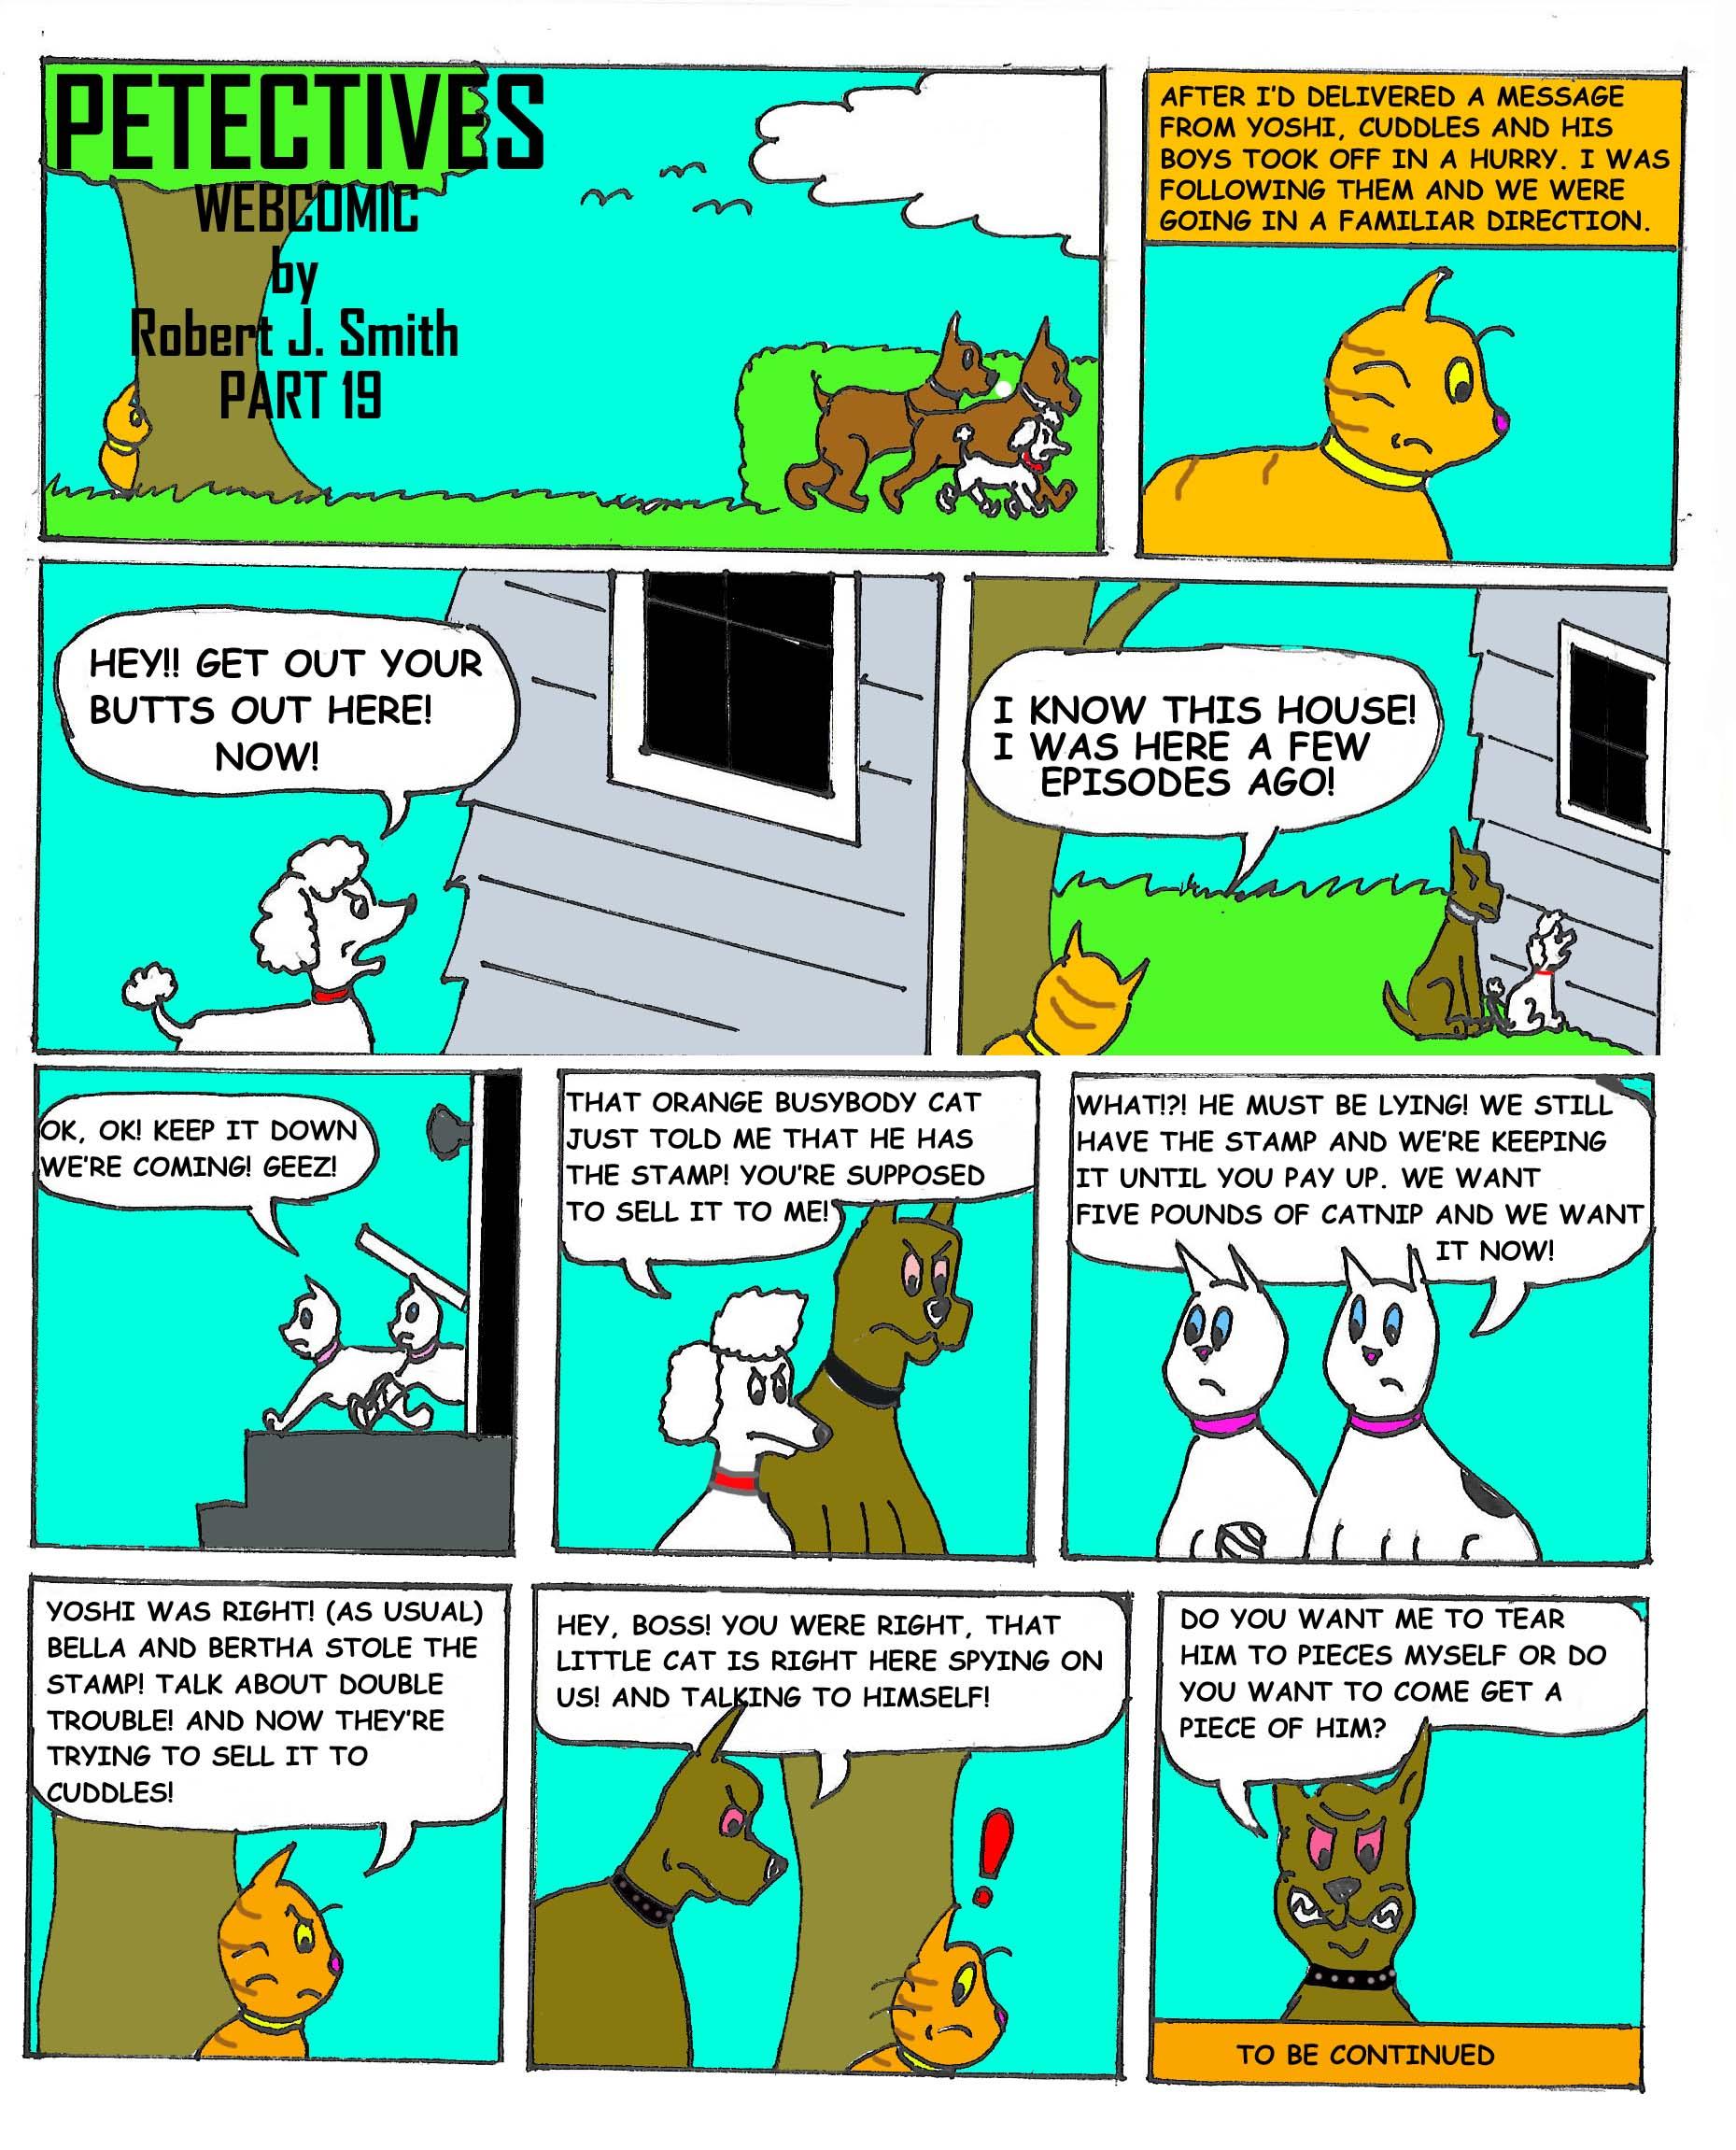 petectives-webcomic-part-19